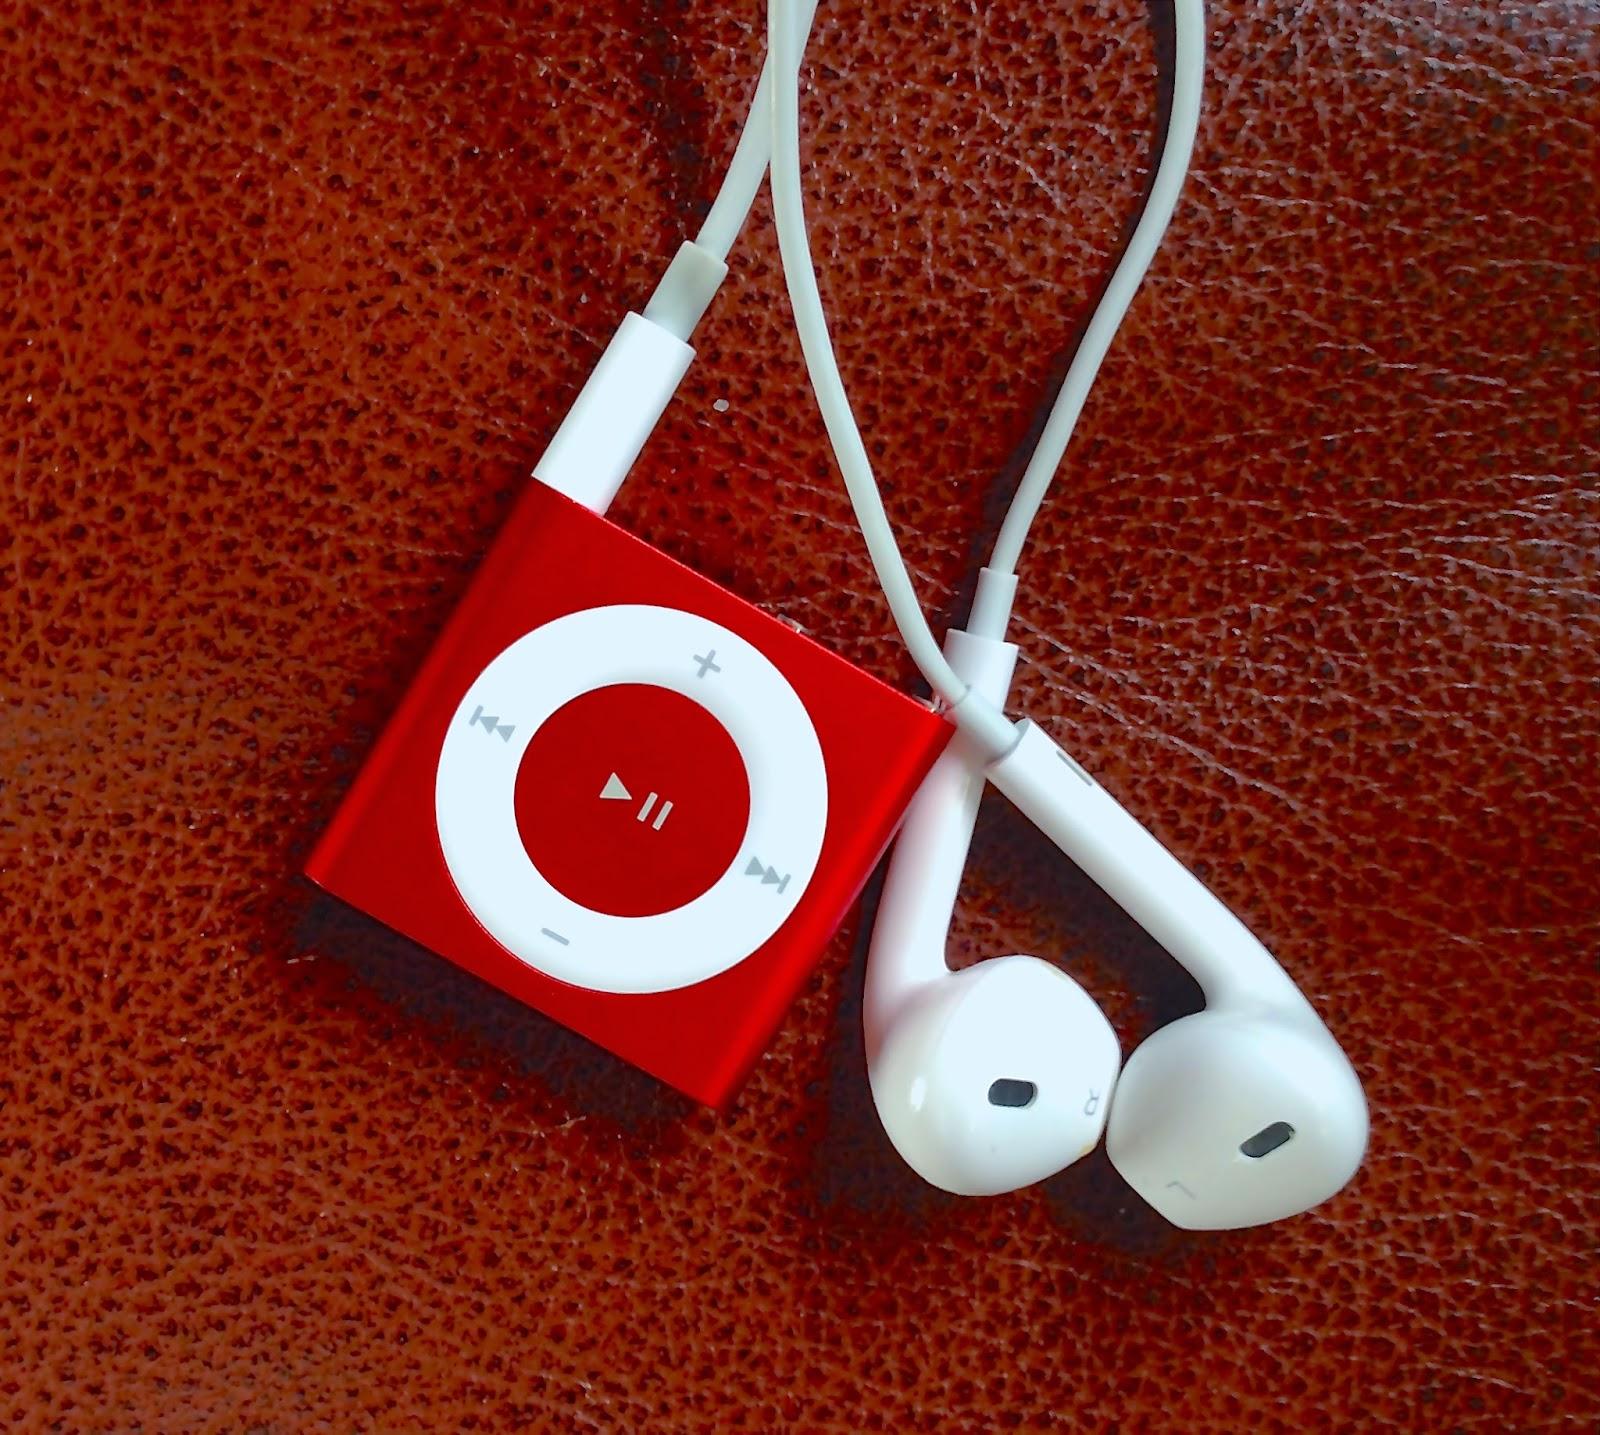 Red iPod Shuffle